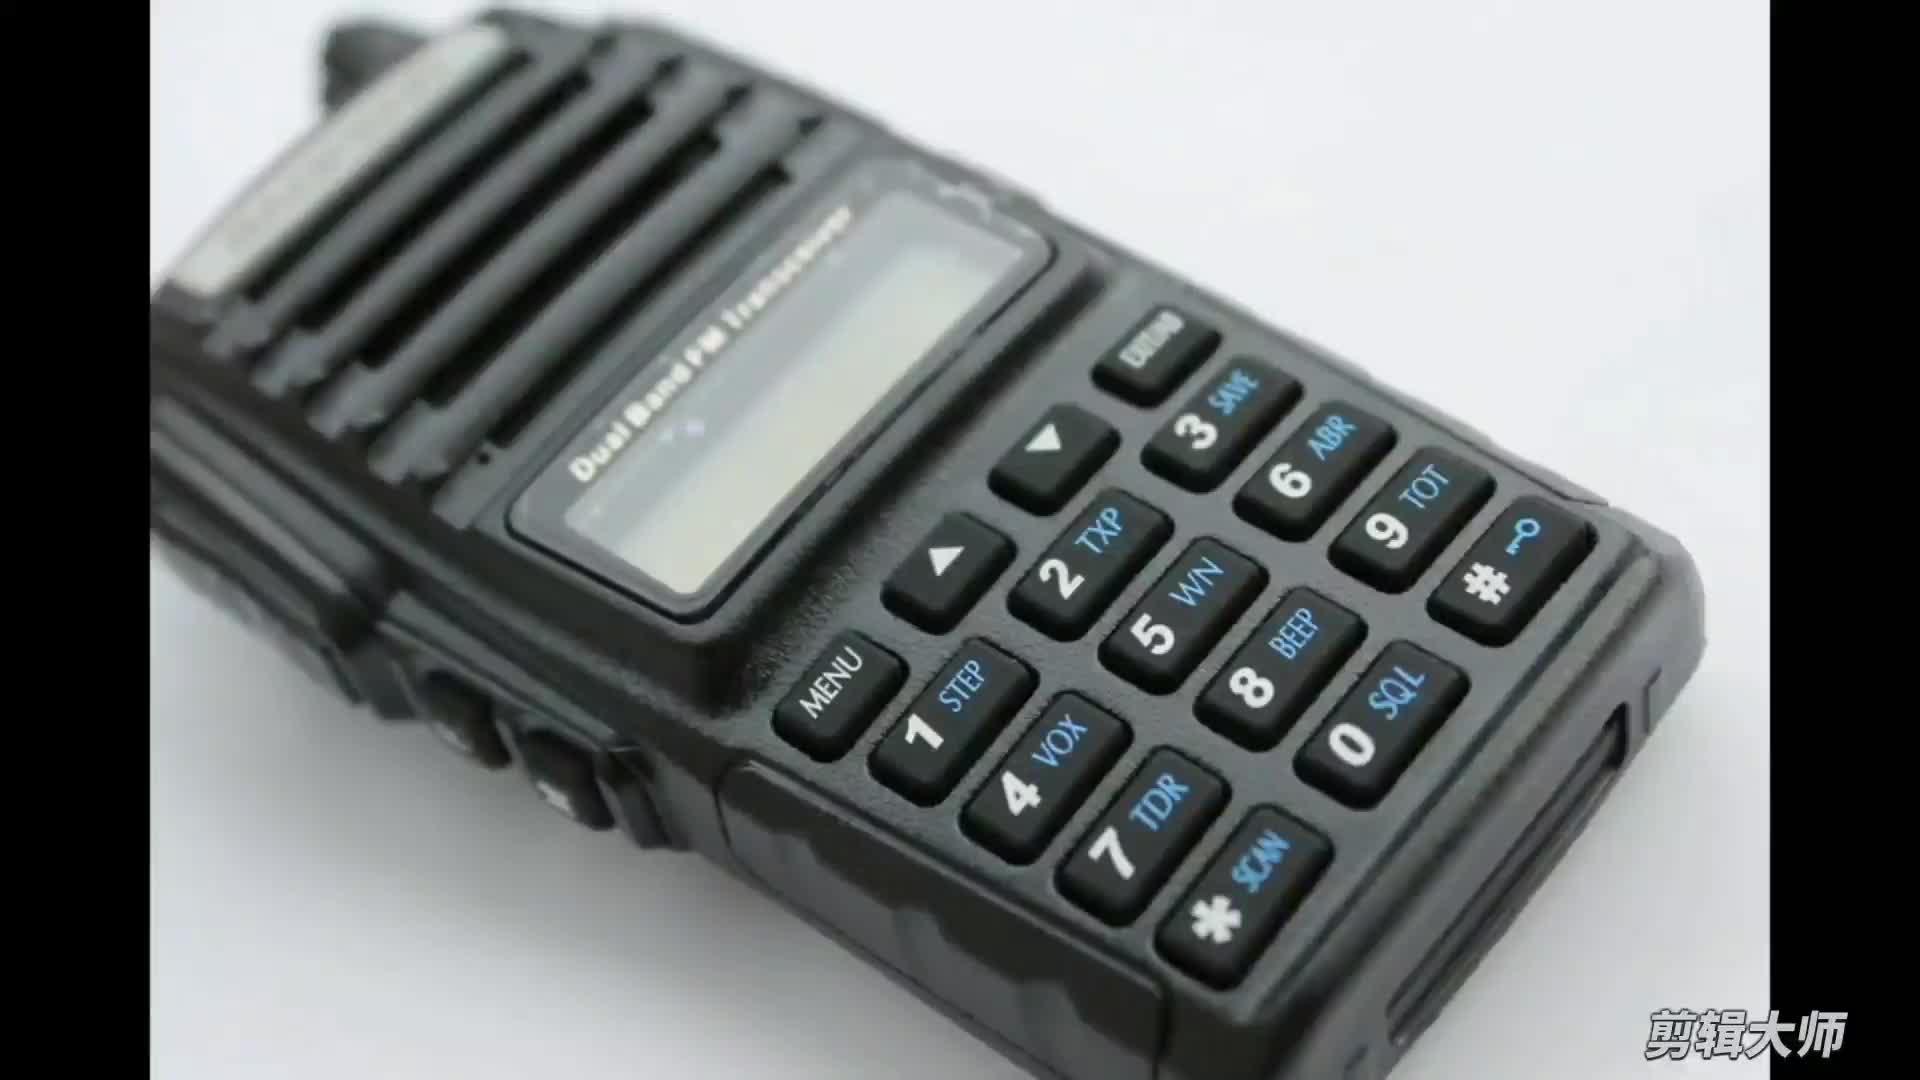 Yüksek güç 10 W Baofeng UV-82 Dual Band İki Yönlü Radyo VHF UHF Dijital Walkie Talkie Büyük Kapasiteli ve pil tasarrufu ile